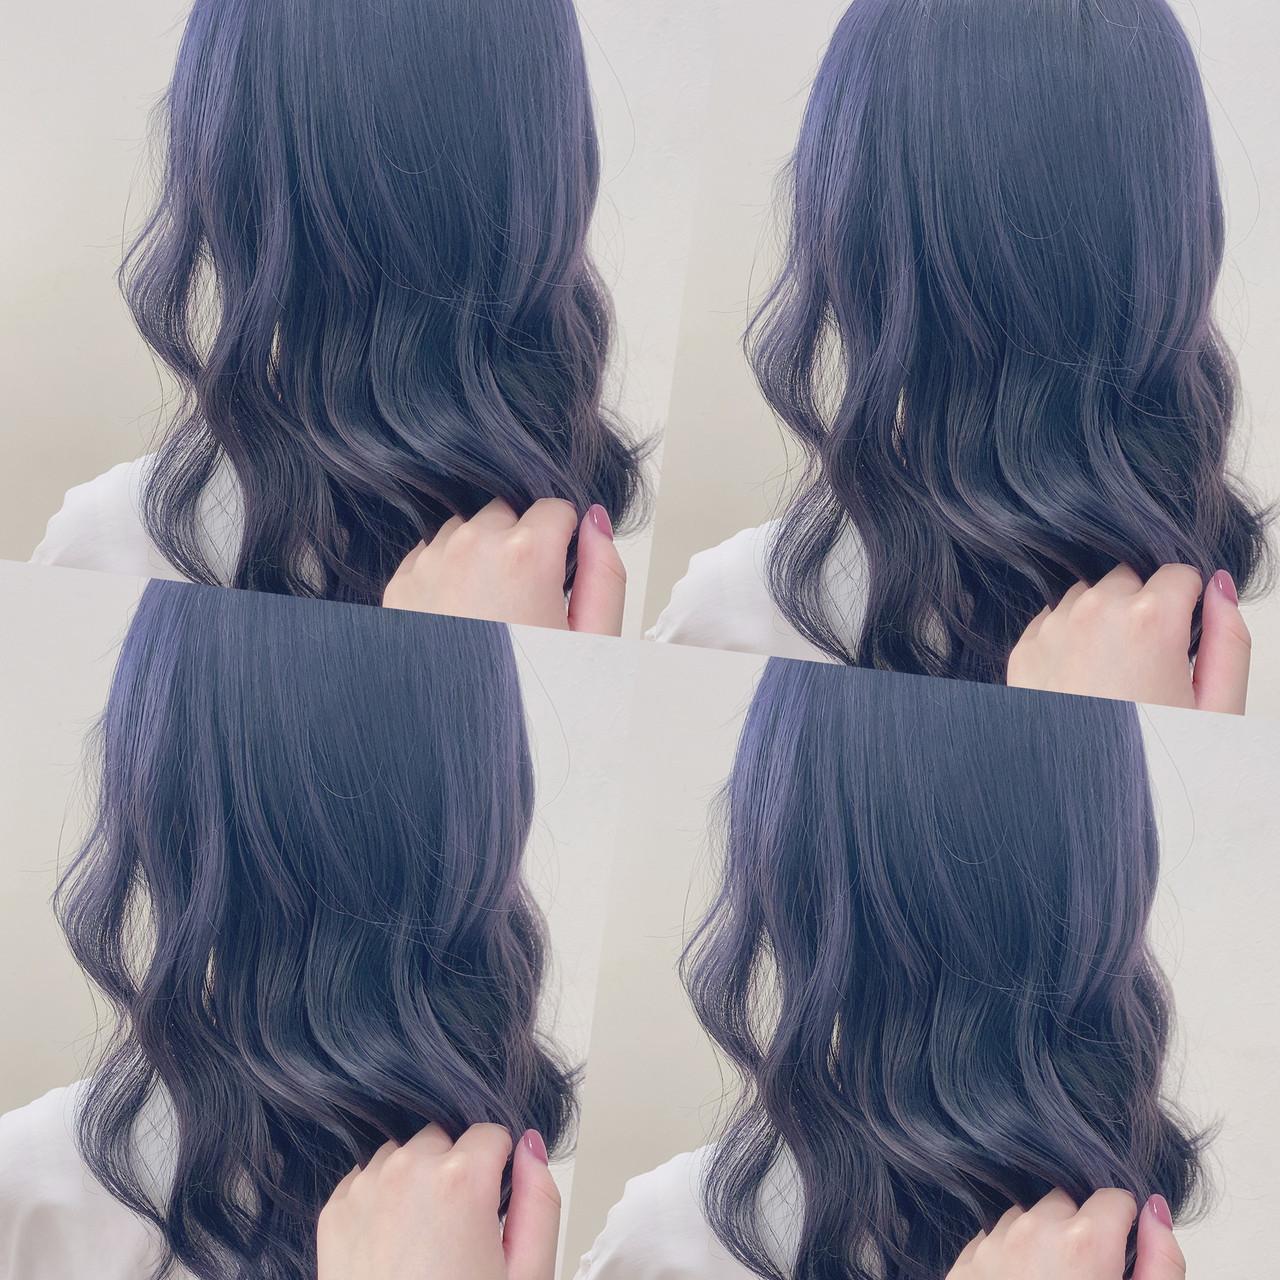 パープル パープルアッシュ バイオレットアッシュ 韓国風ヘアー ヘアスタイルや髪型の写真・画像